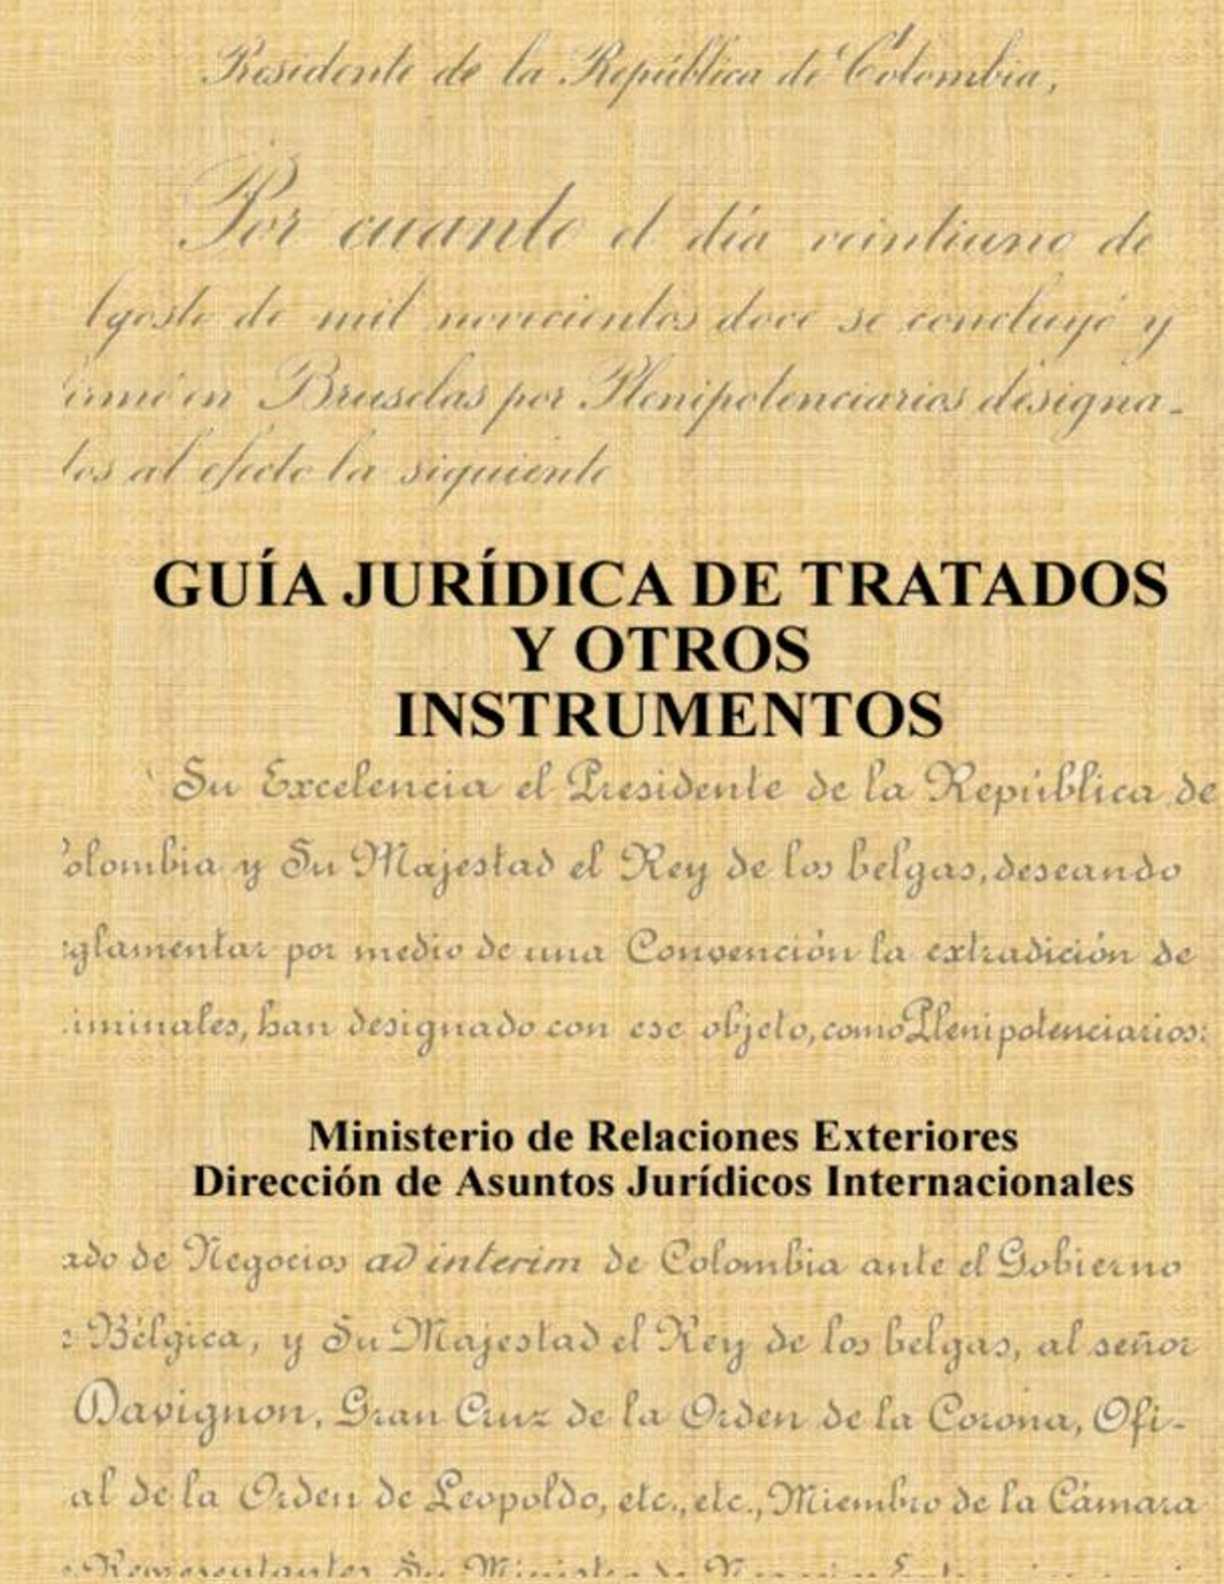 Guía jurídica de tratados y otros instrumentos